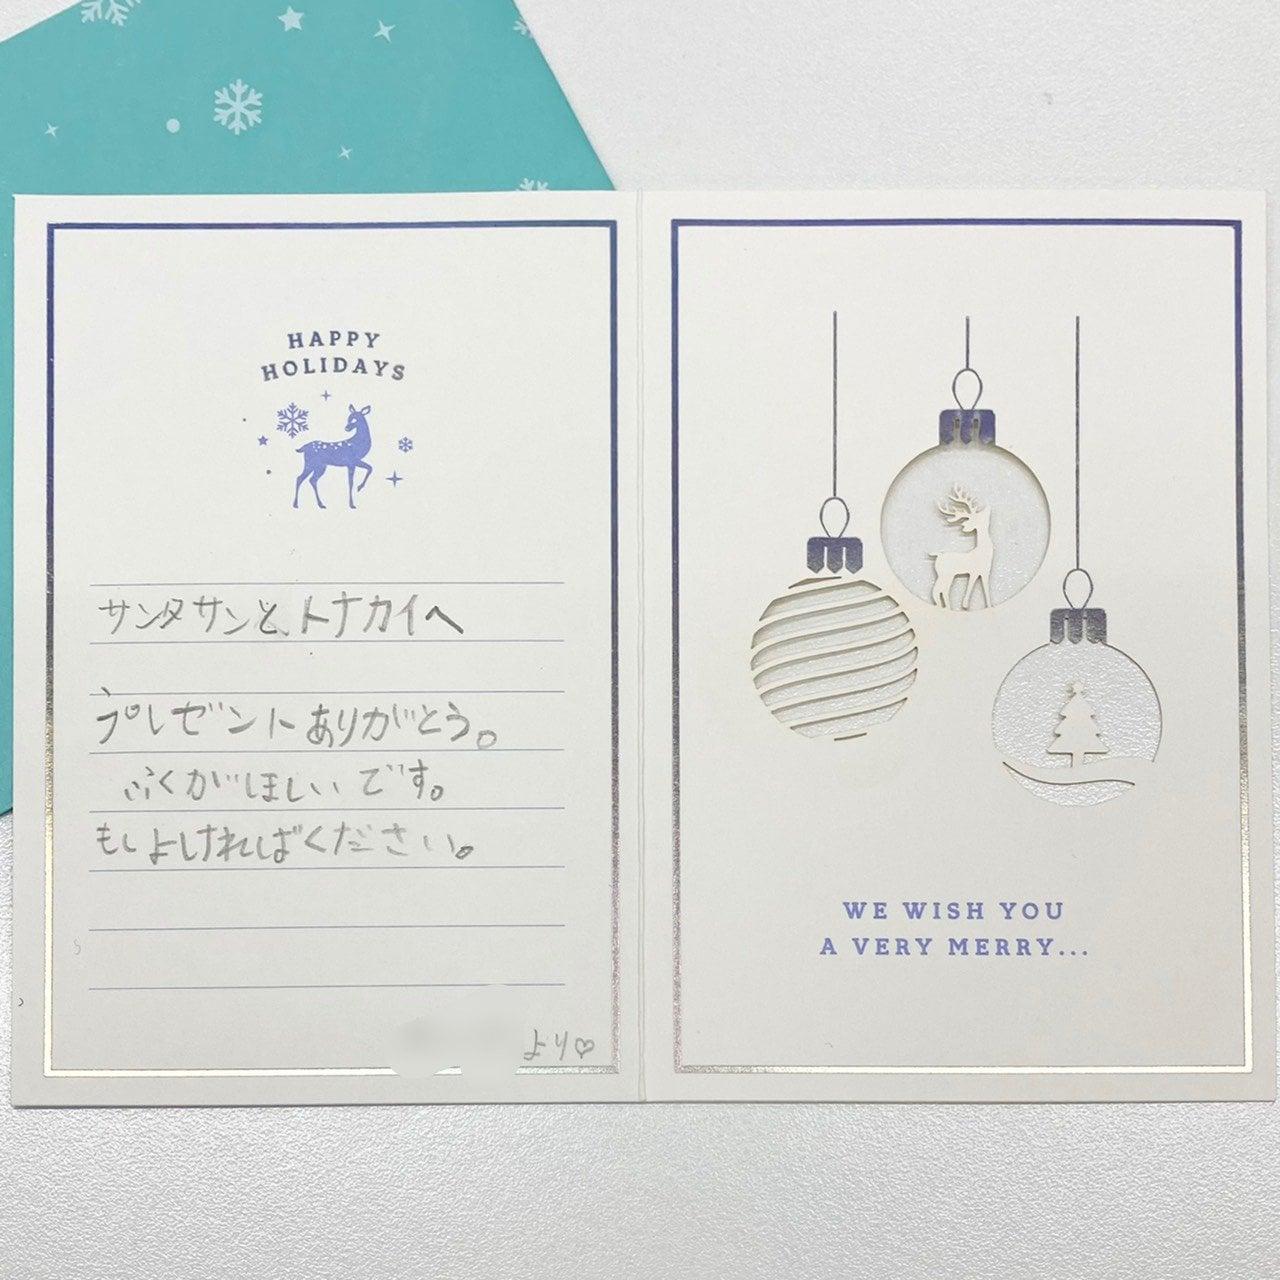 【株式会社クレバー】ロードカーイベント【社会貢献】